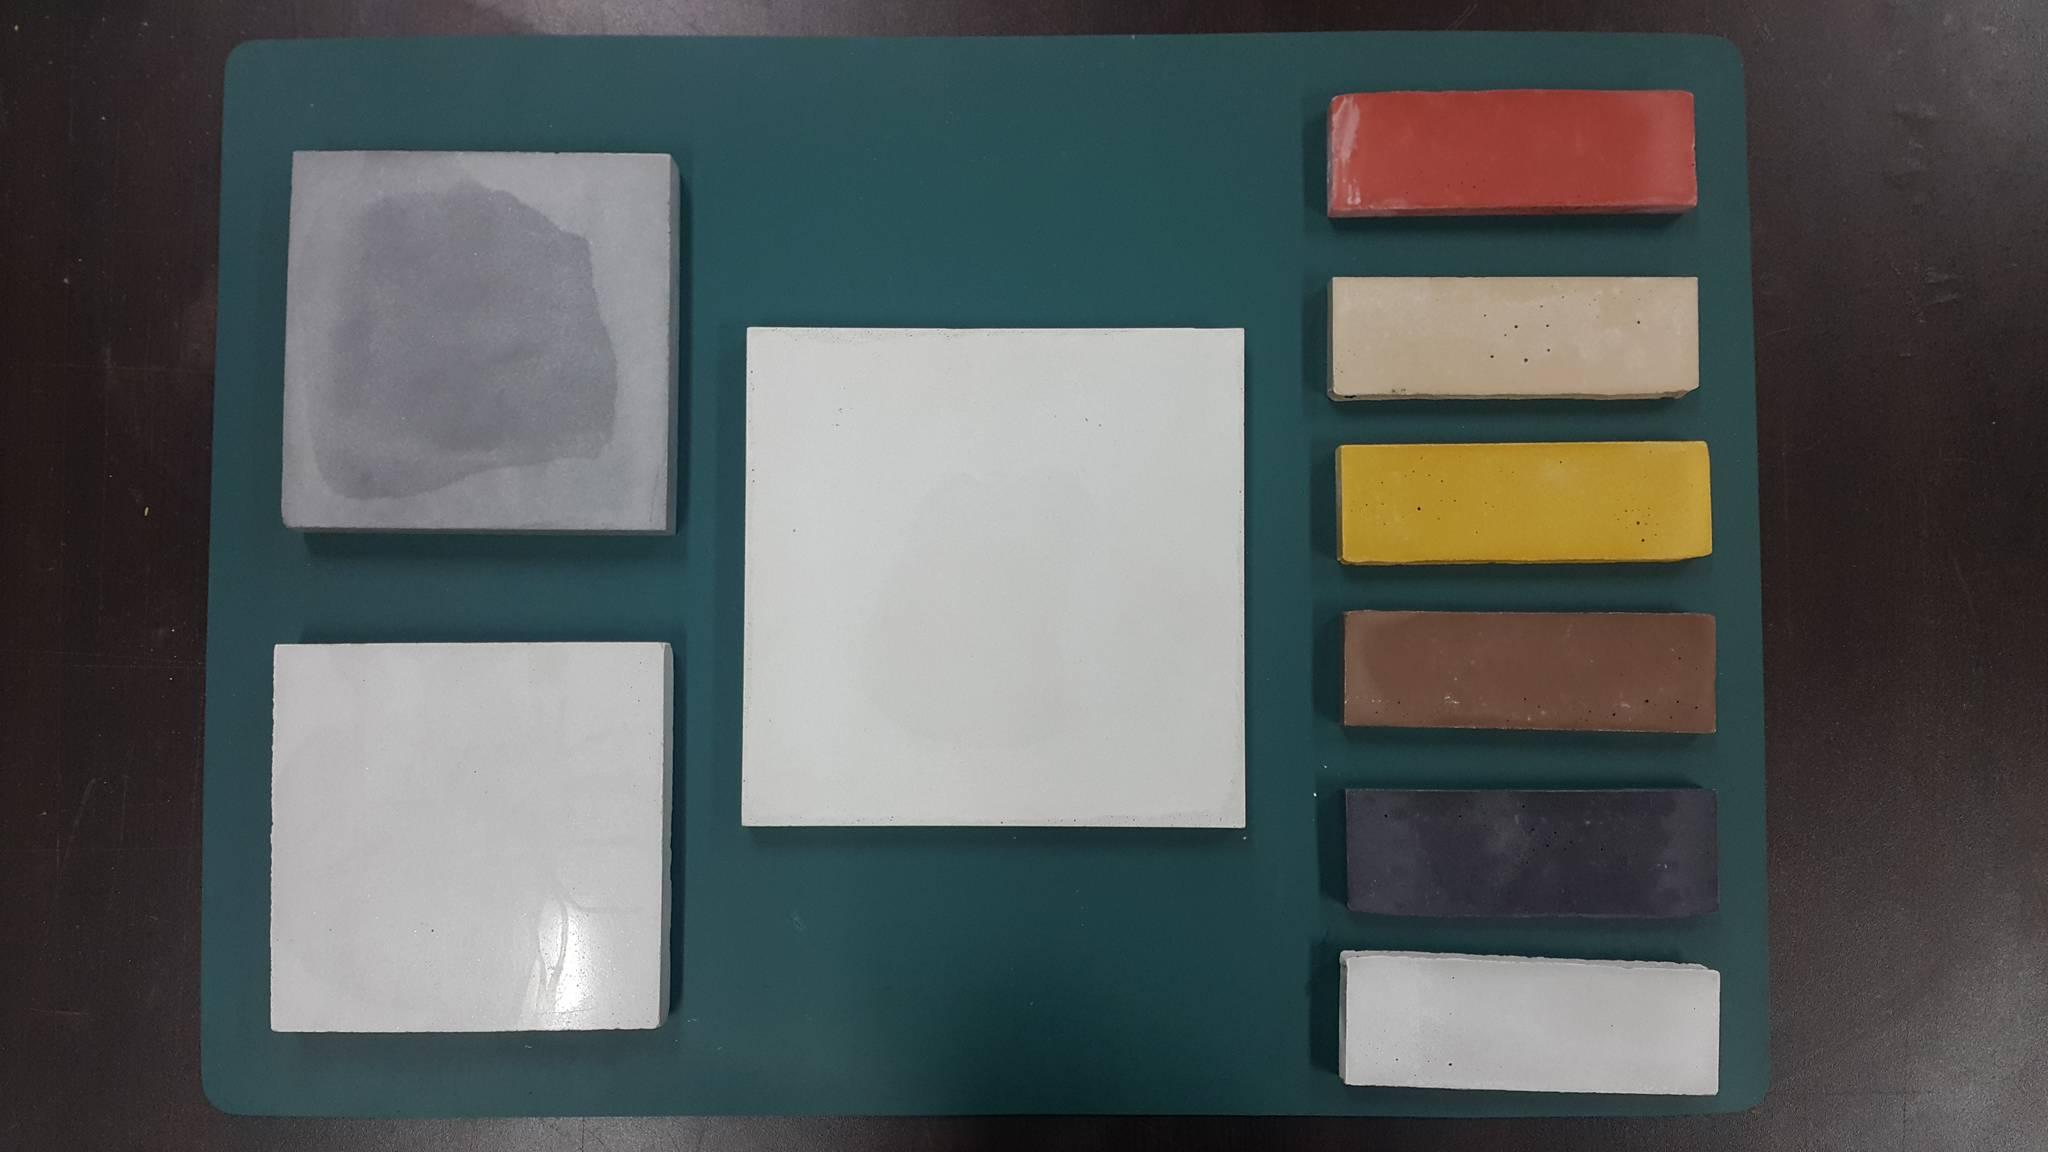 서울대 건축학과 홍성걸 교수가 올 2월 개발한 '초고성능콘크리트'. 이 콘크리트는 모양과 색상을 자유롭게 연출할 수 있다. 홍 교수는 시멘트가 필요 없는 콘크리트를 개발하기도 했다. [사진 홍성걸 교수]